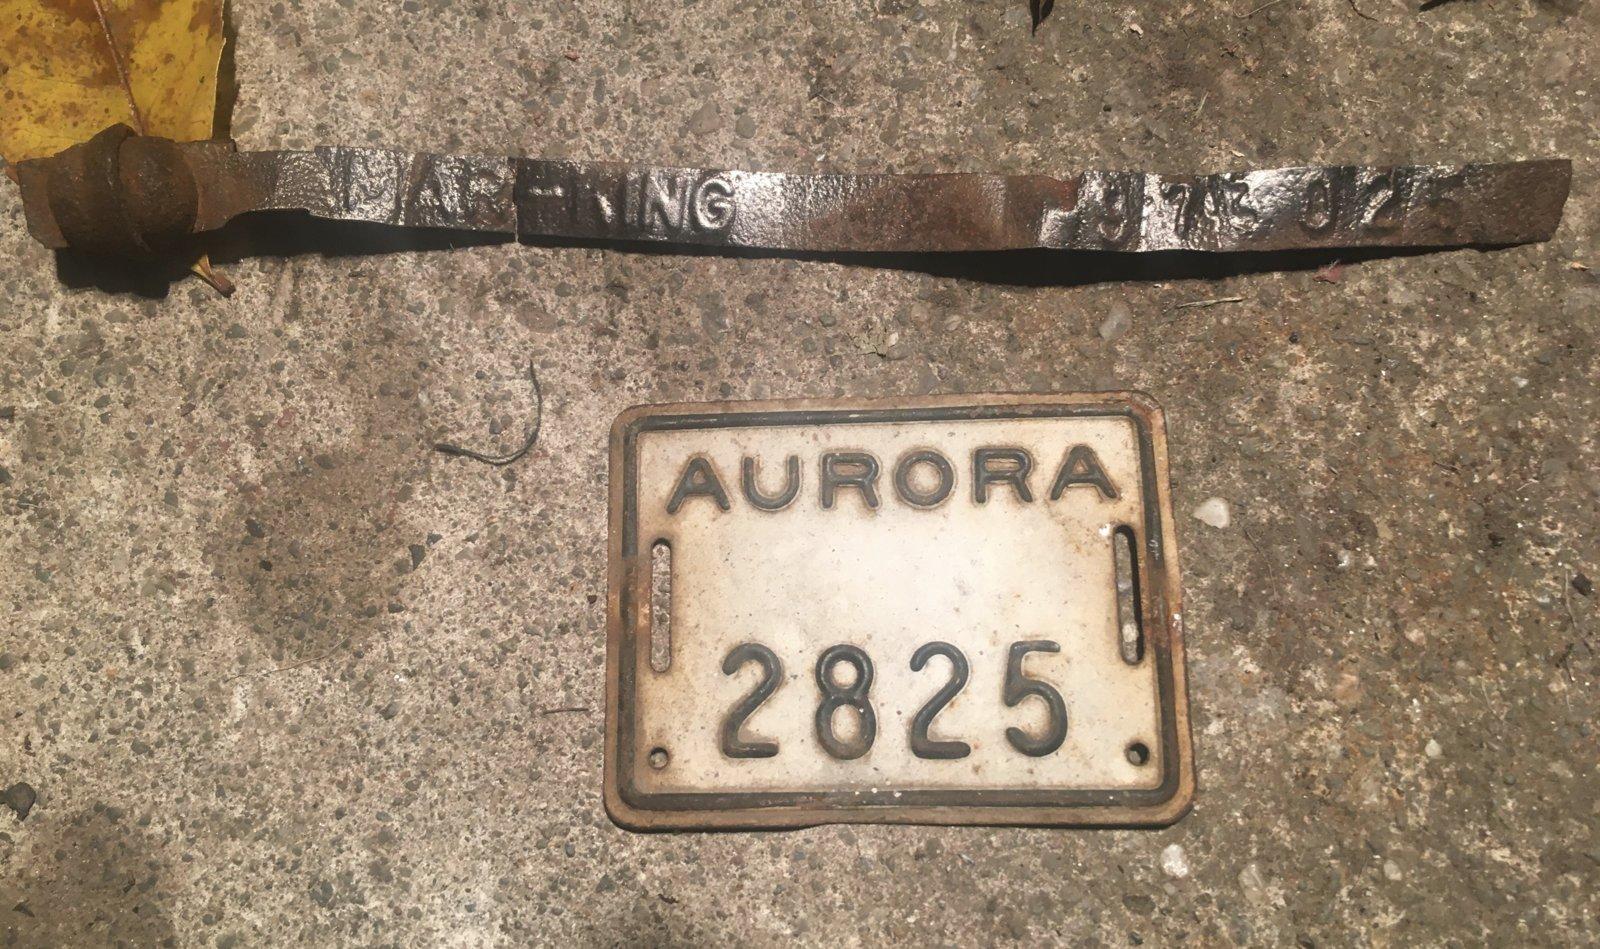 4A845B14-BA44-4CD7-8F57-CB32A91F7600.jpeg